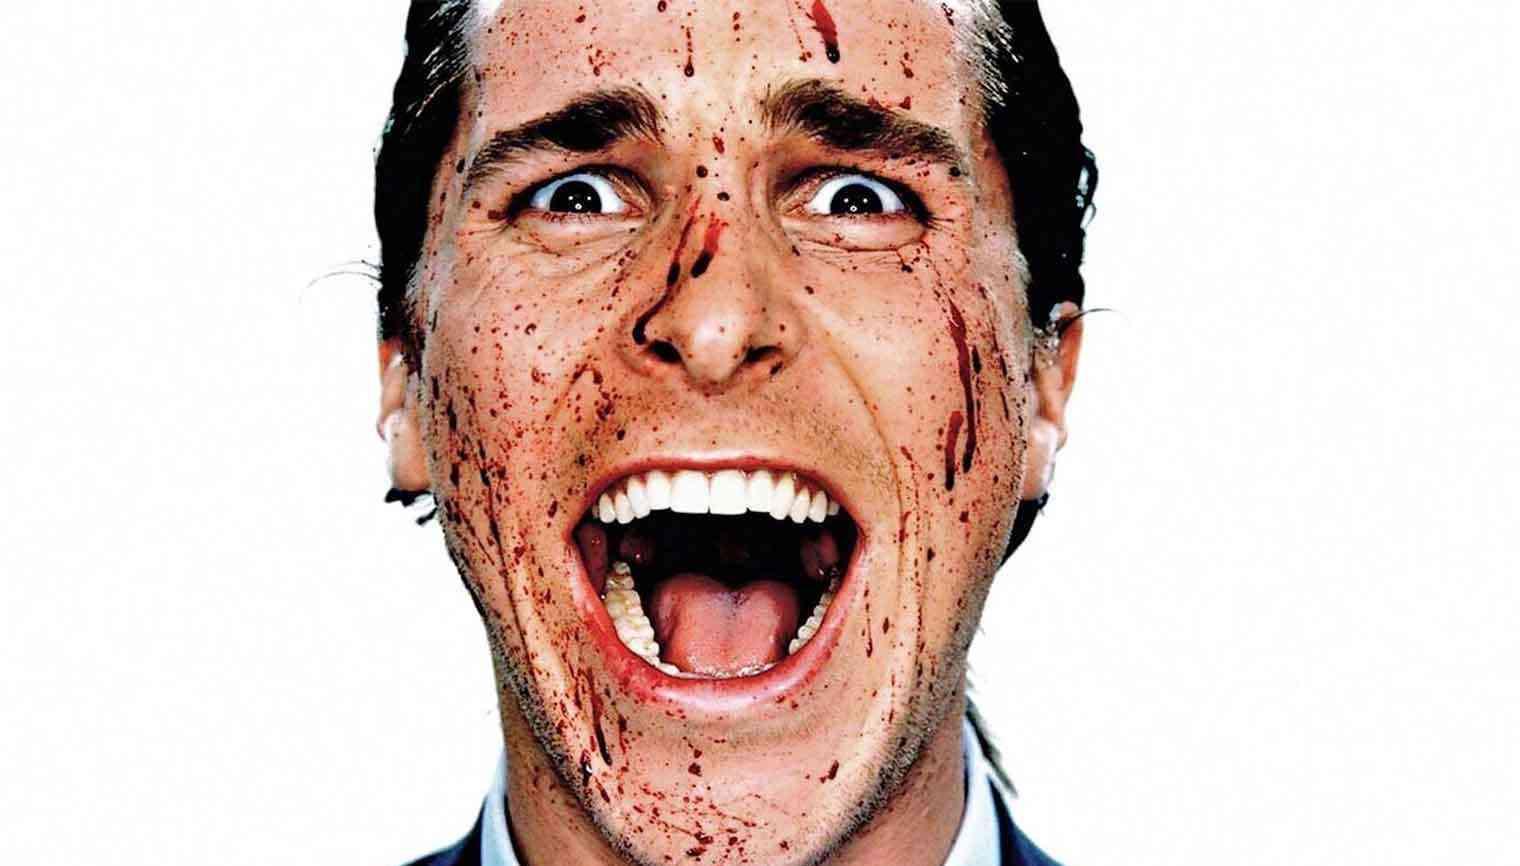 Personagem principal Patrick Bateman do filme Psicopata Amerciano, um dos filmes dirigidos por mulheres